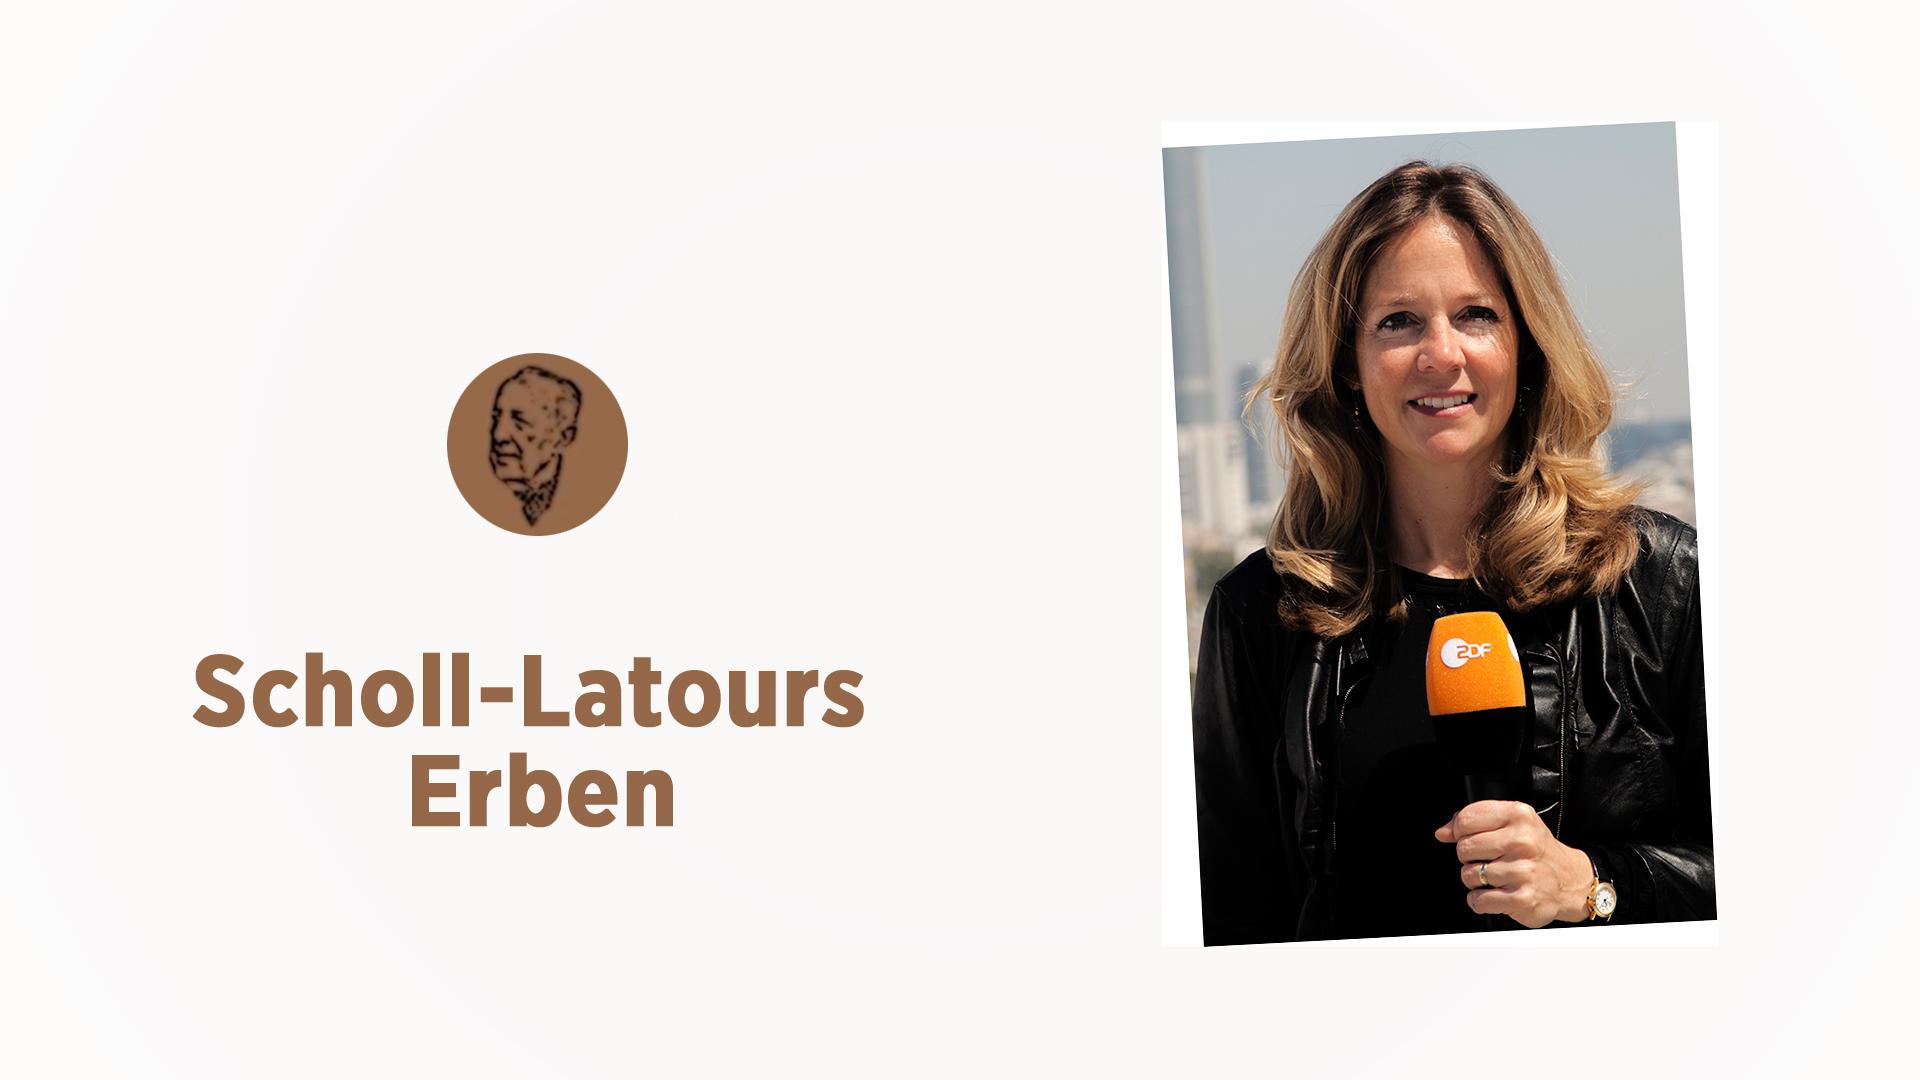 Scholl-Latours-Erben: Nicola Albrecht